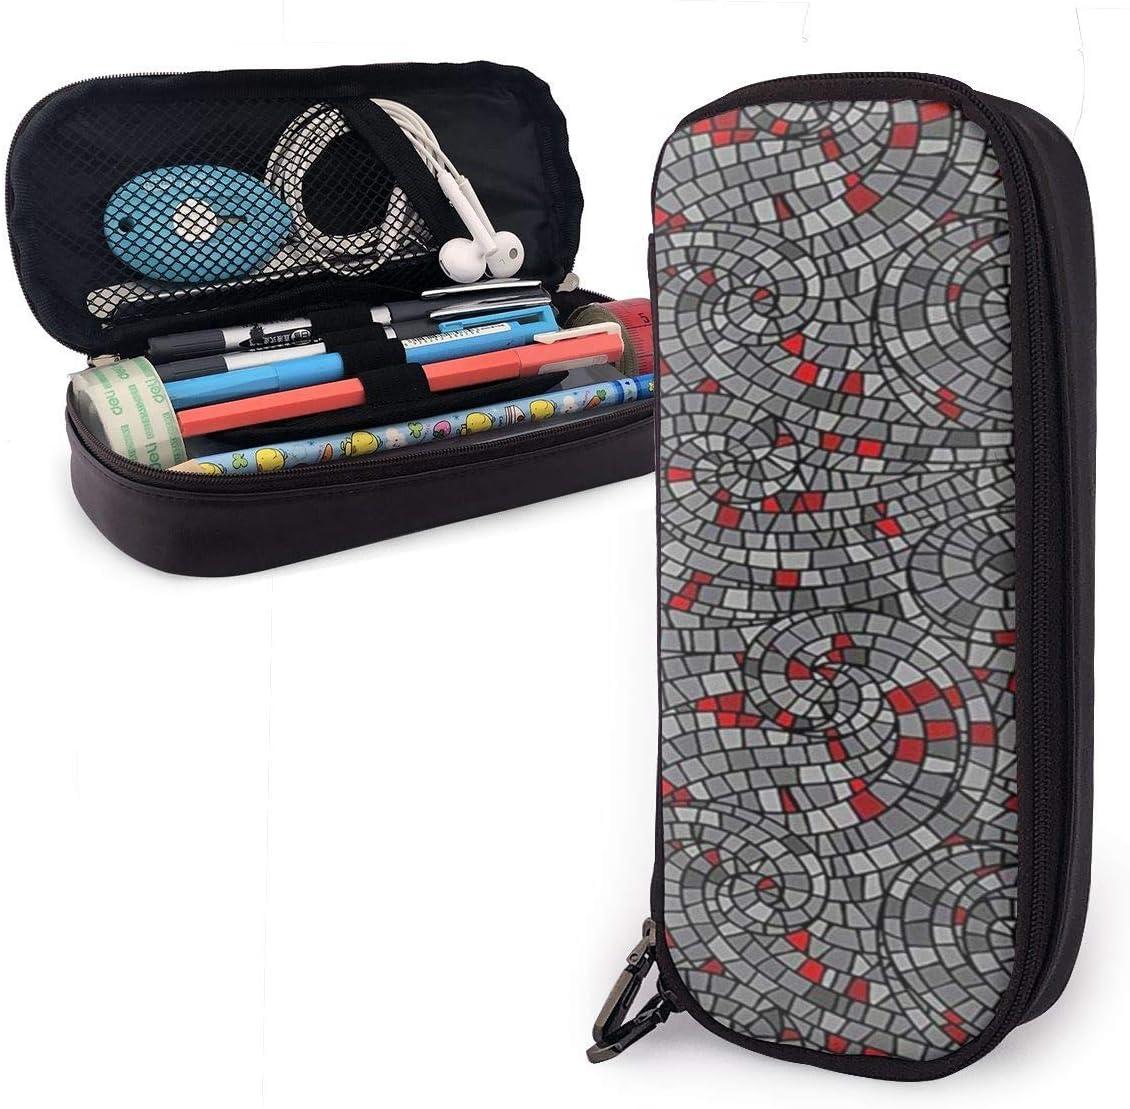 Estuche de lápices de estilo mosaico moderno de gran capacidad soporte de marcador de bolígrafo caja de cuero organizador de papelería de almacenamiento grande con cremallera